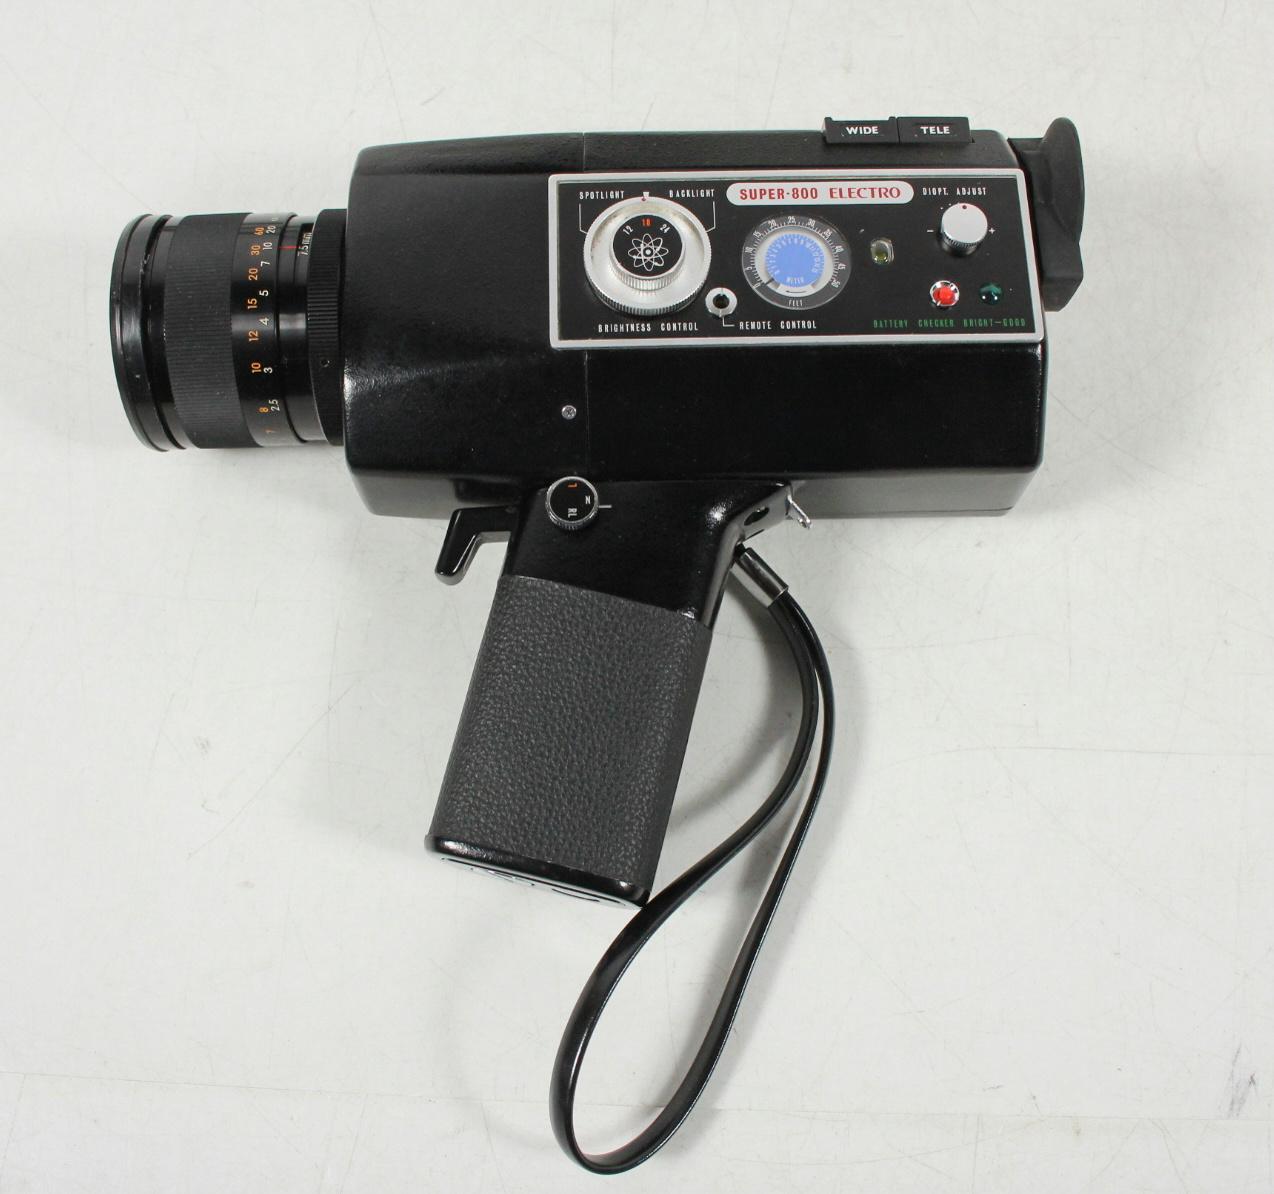 vintage yashica super 8 film cartridge type model super 800 electro movie camera ebay. Black Bedroom Furniture Sets. Home Design Ideas